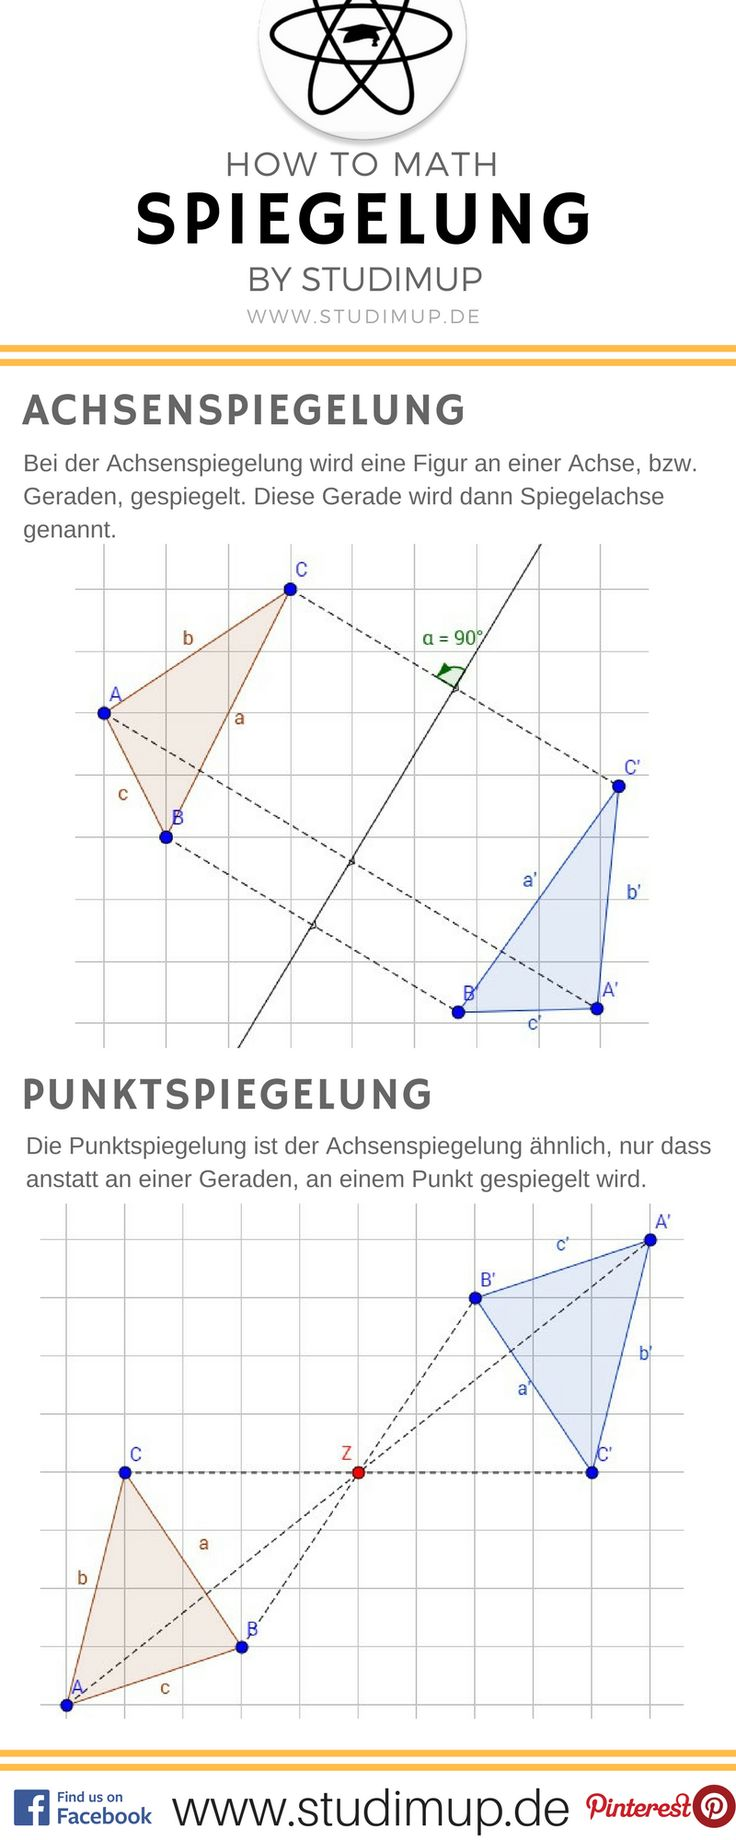 Spiegelung von Figuren einfach erklärt im Mathe Spickzettel von Studimup. Mathe lernen leicht gemacht.